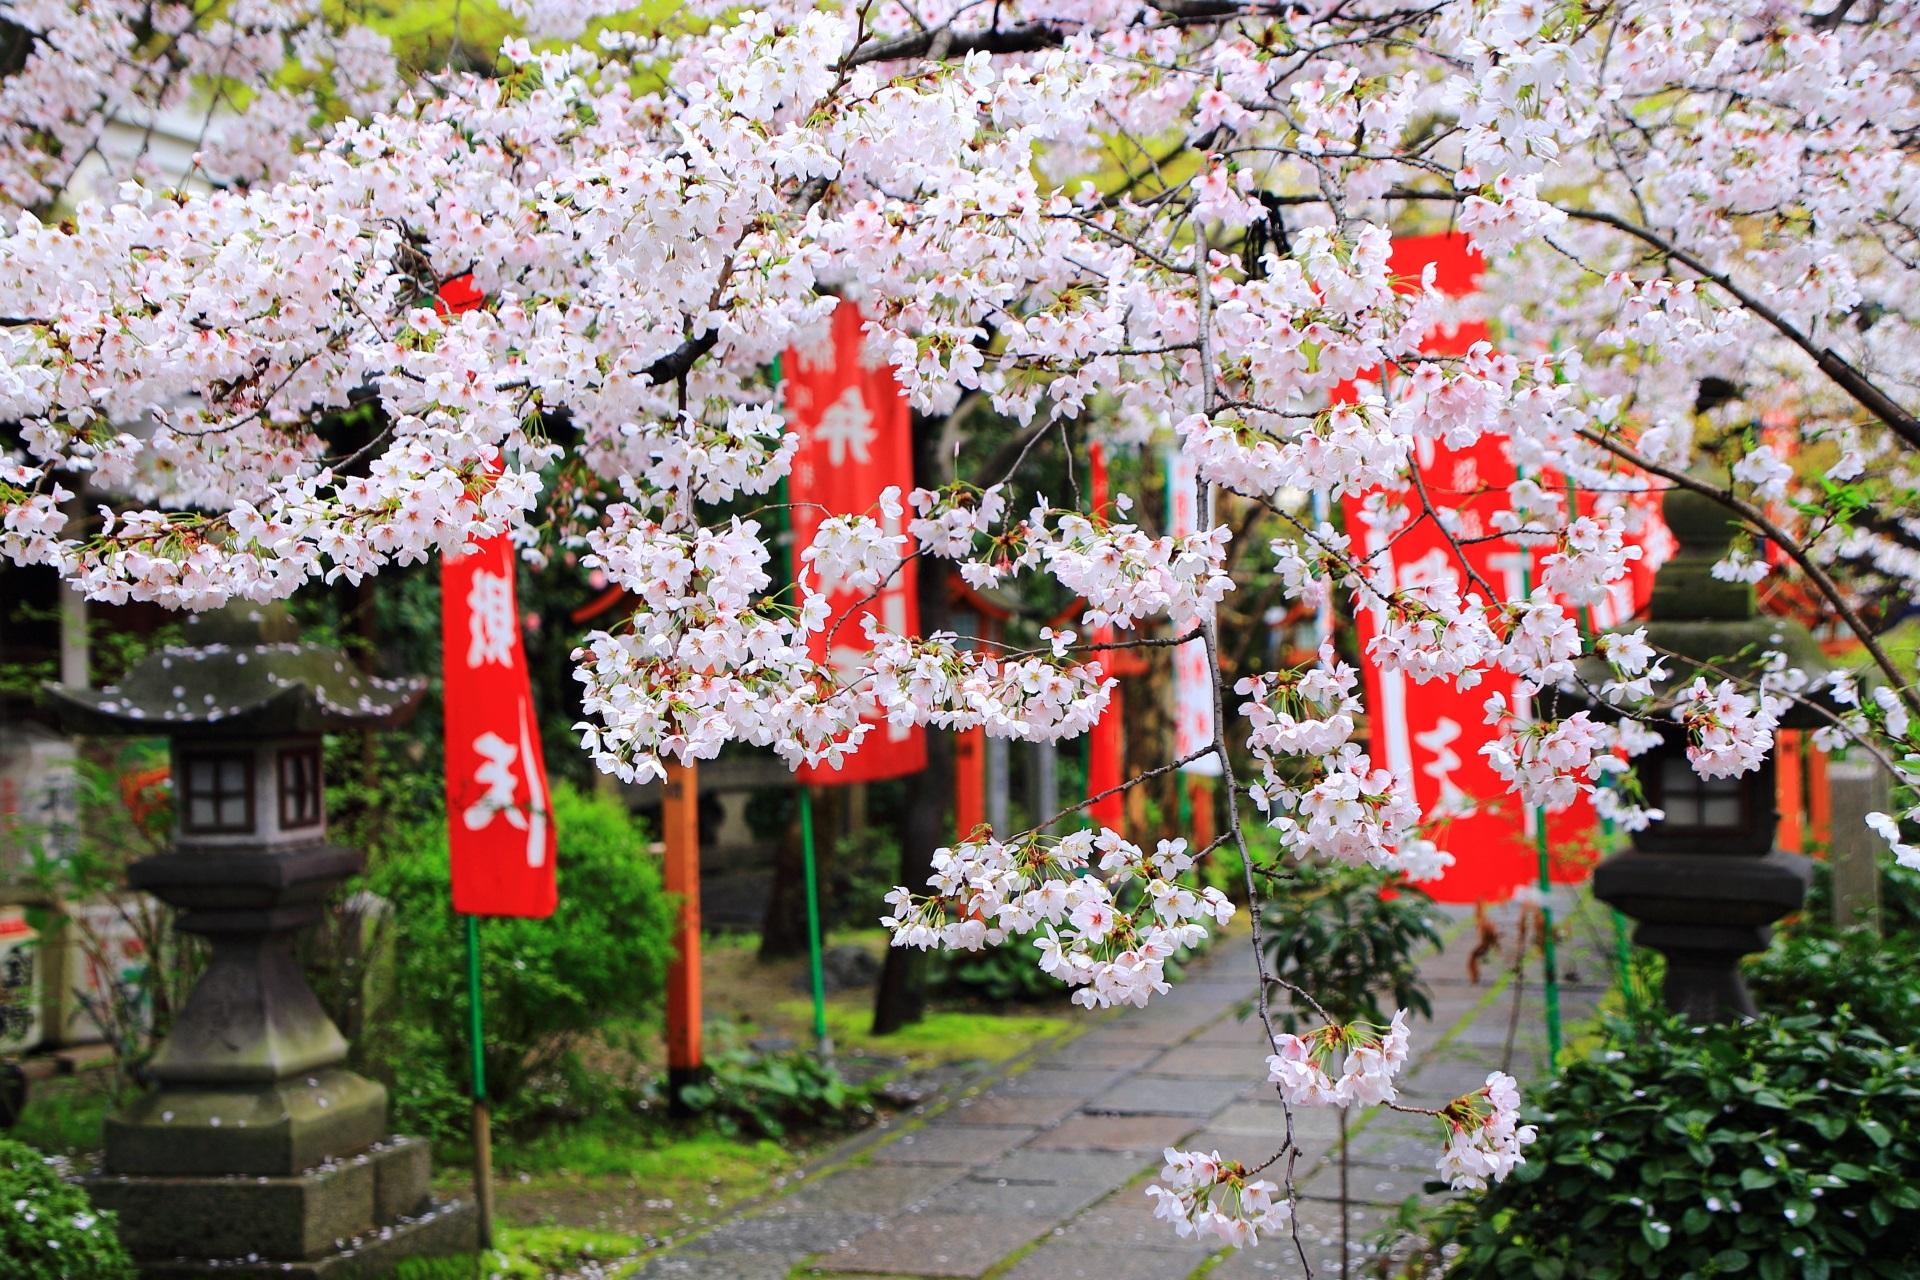 長建寺 桜 酒蔵の街の華やかな桜の名所